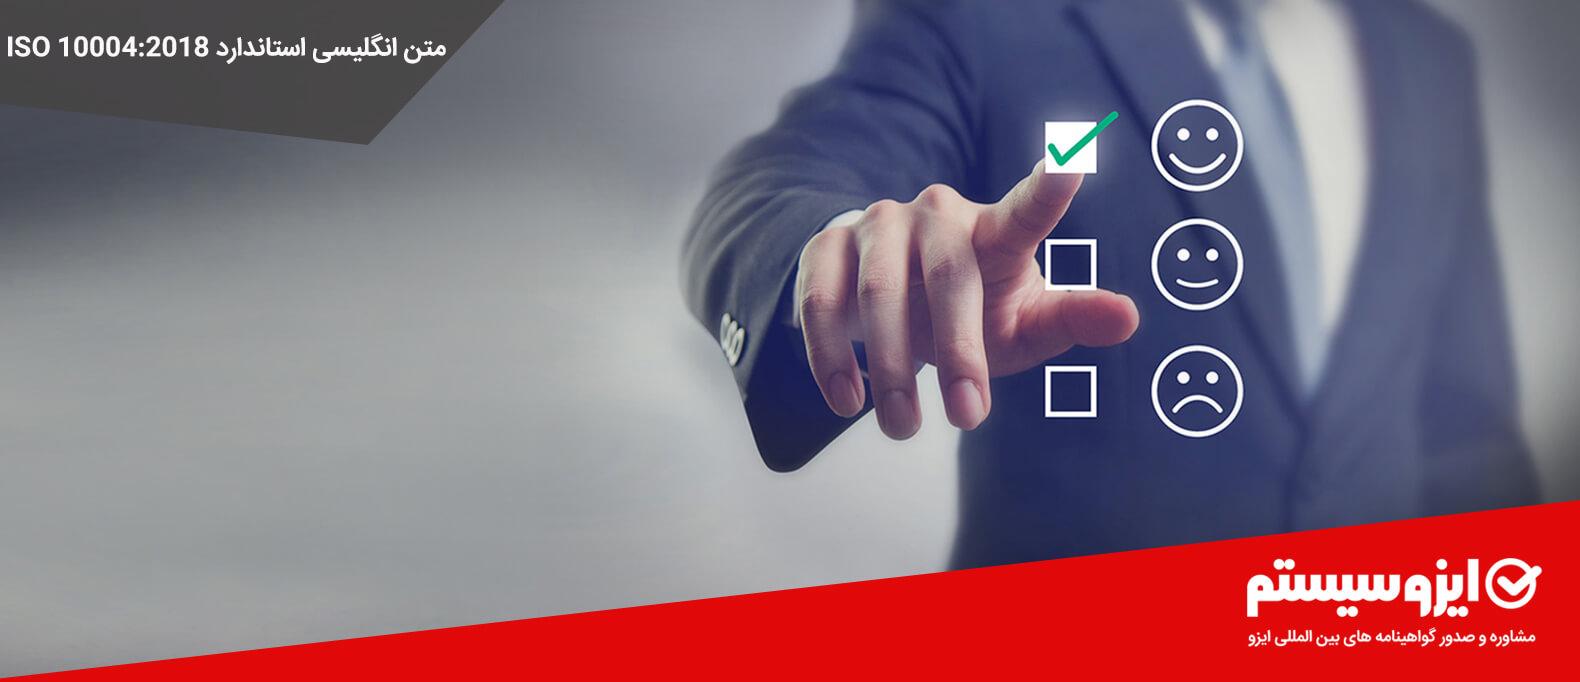 دانلود متن انگلیسی استاندارد ایزو 10004:2018 (ISO 10004:2018 : Quality management - Customer satisfaction)